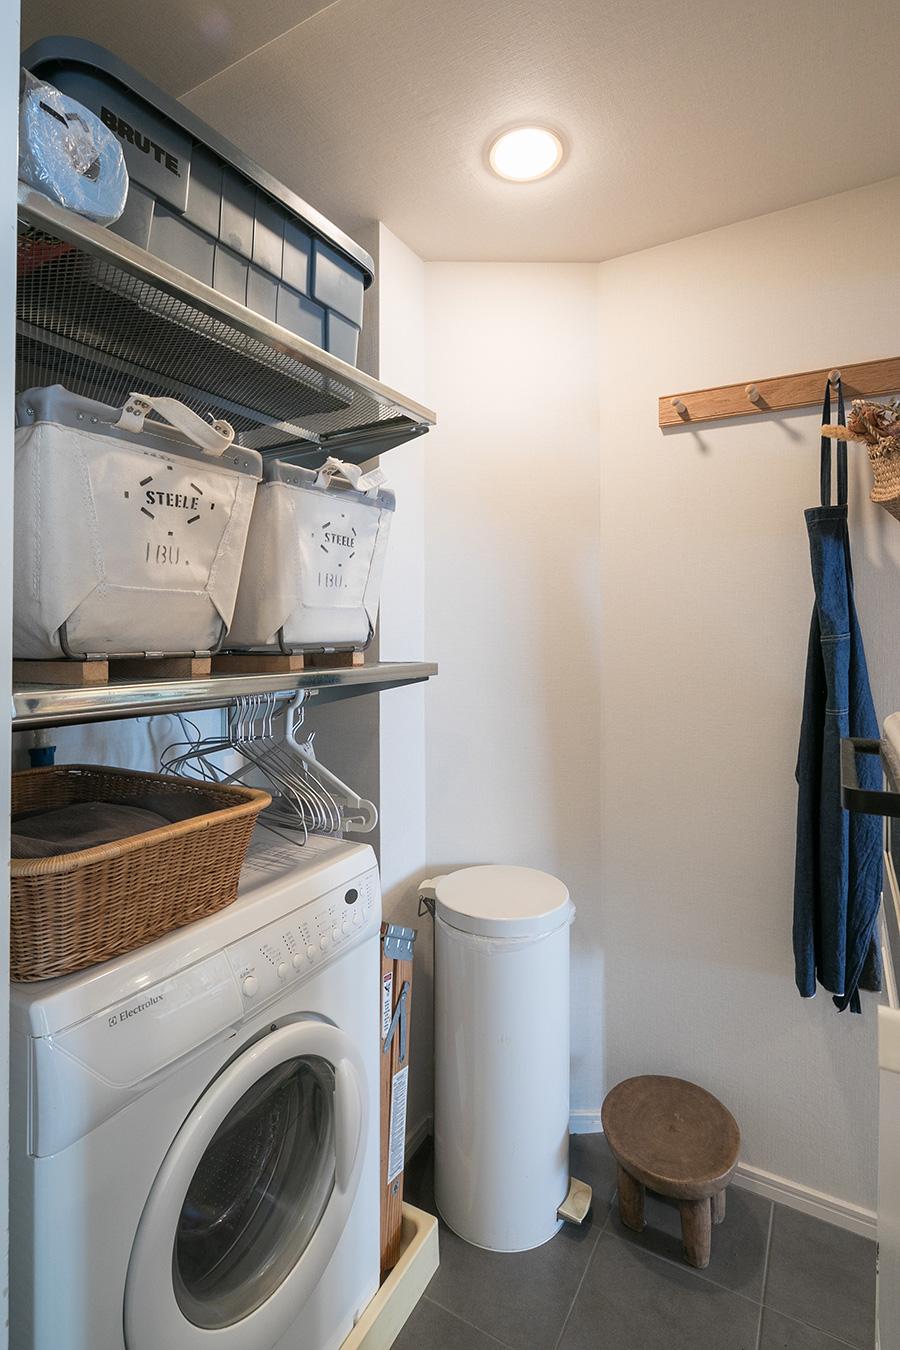 洗濯機の上のステンレスのラックや、シェーカー家具のハンガーラックなどを使い、ごちゃつきがちなユーティリティルームが機能的でお洒落にまとまっている。